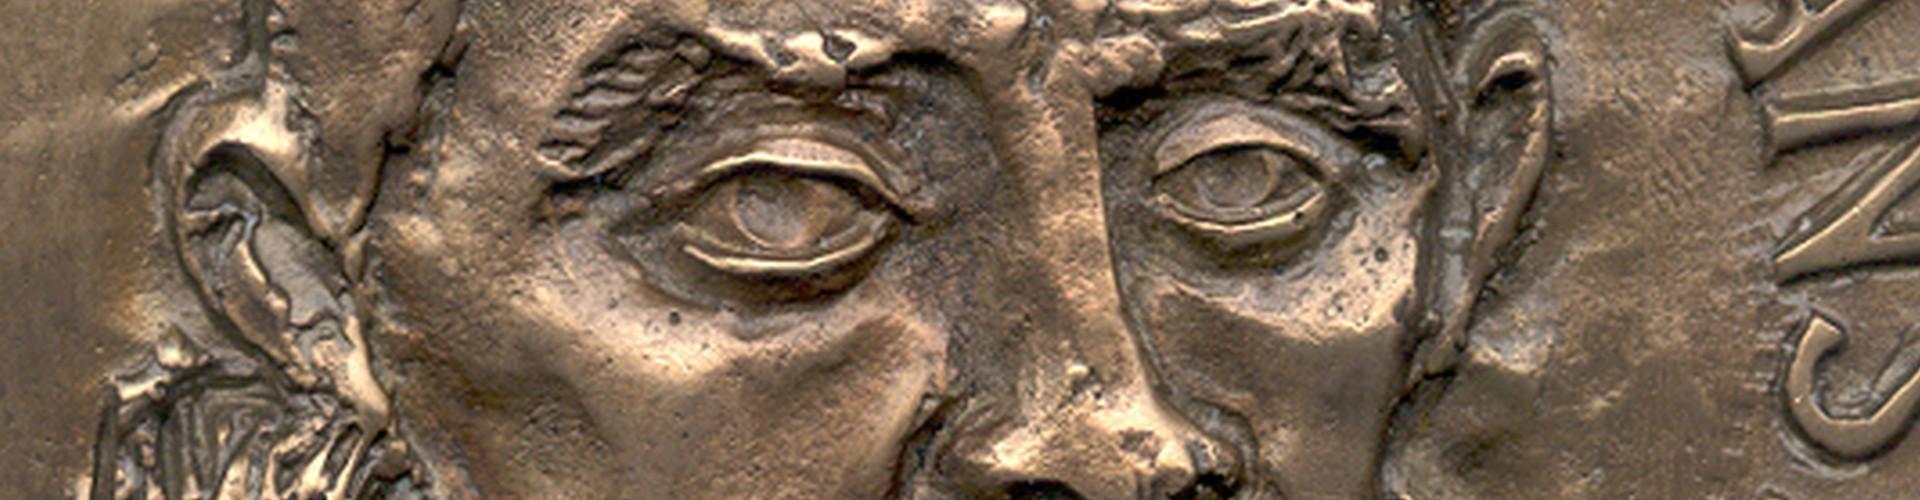 fridtjof_nansen_medal_large.jpg